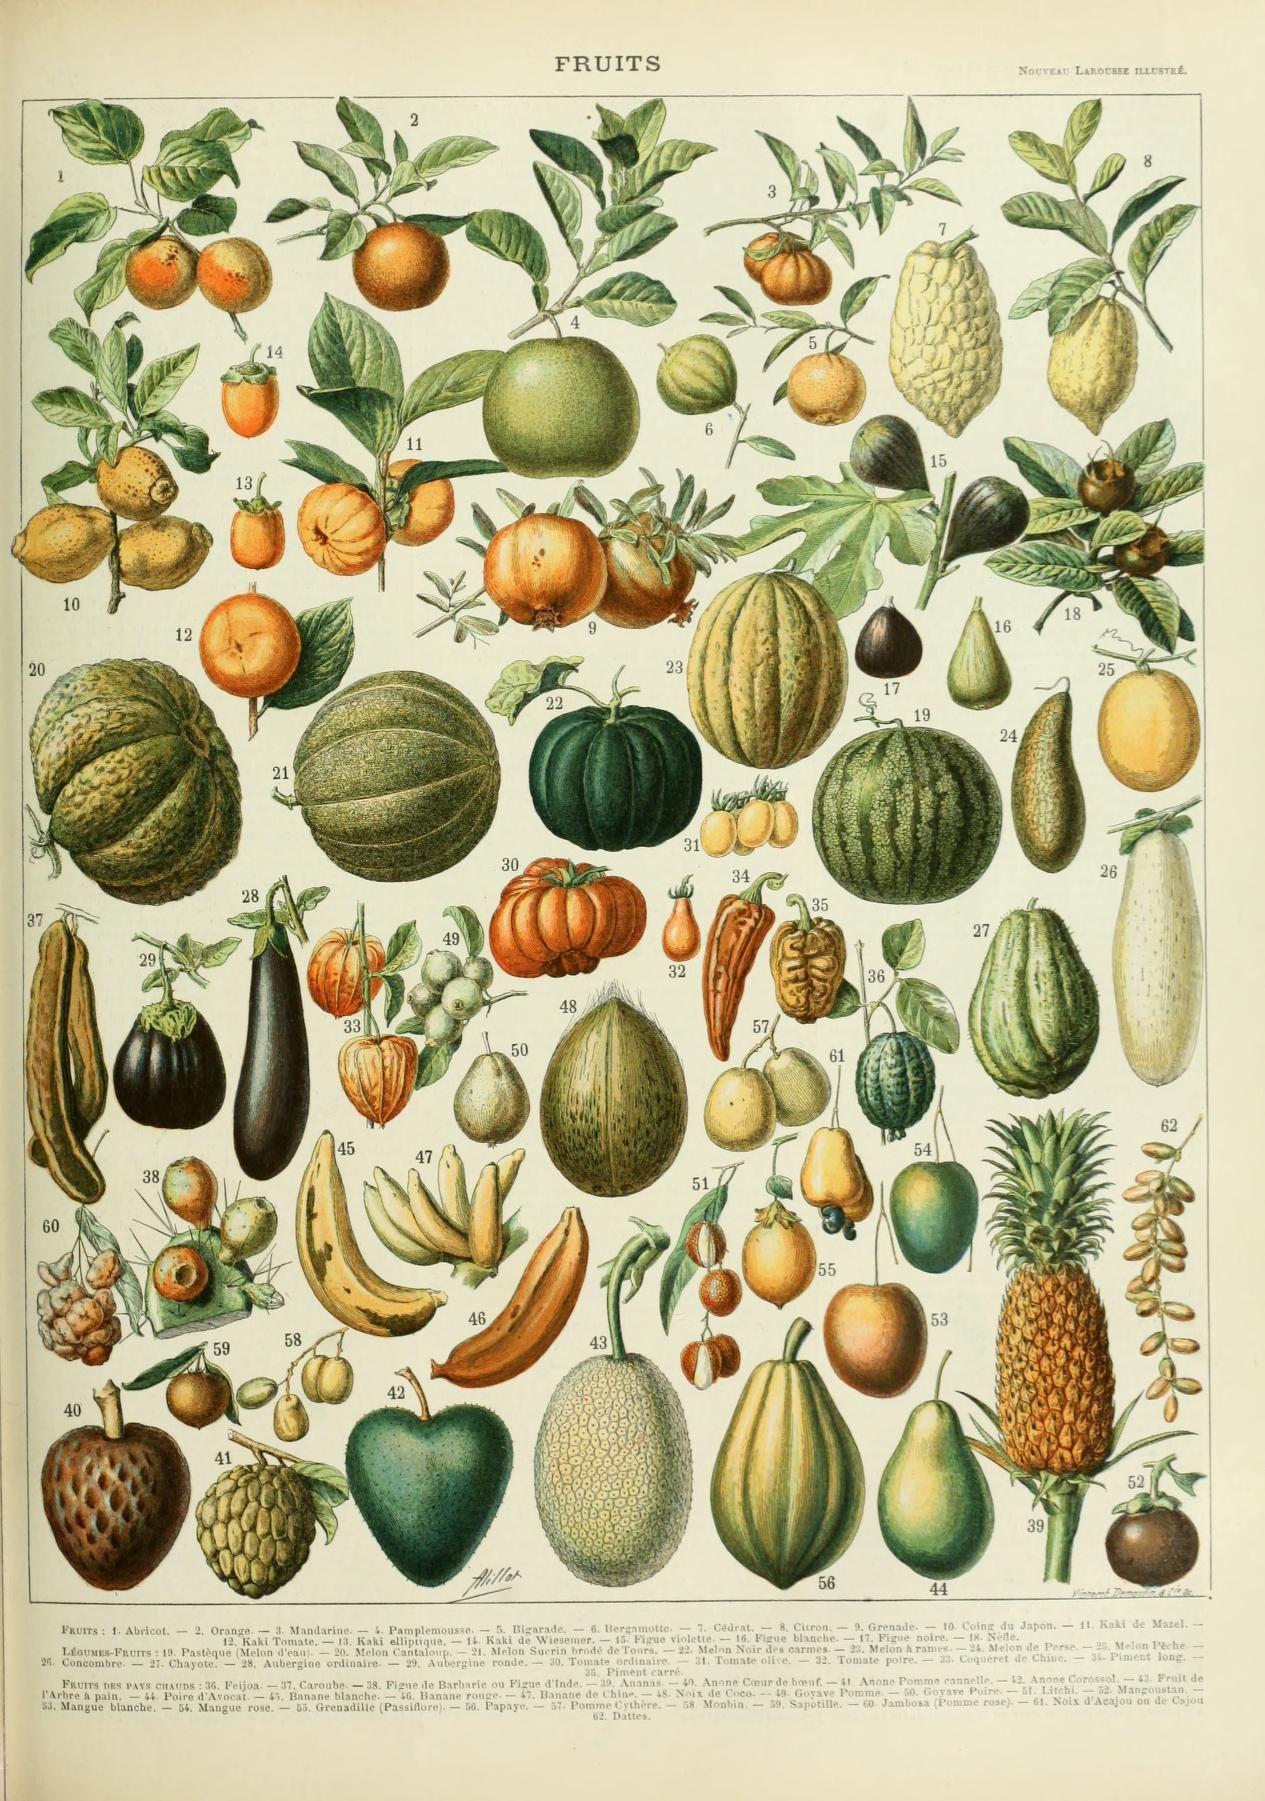 Nouveau Larousse Illustre Fruits With Images Vintage